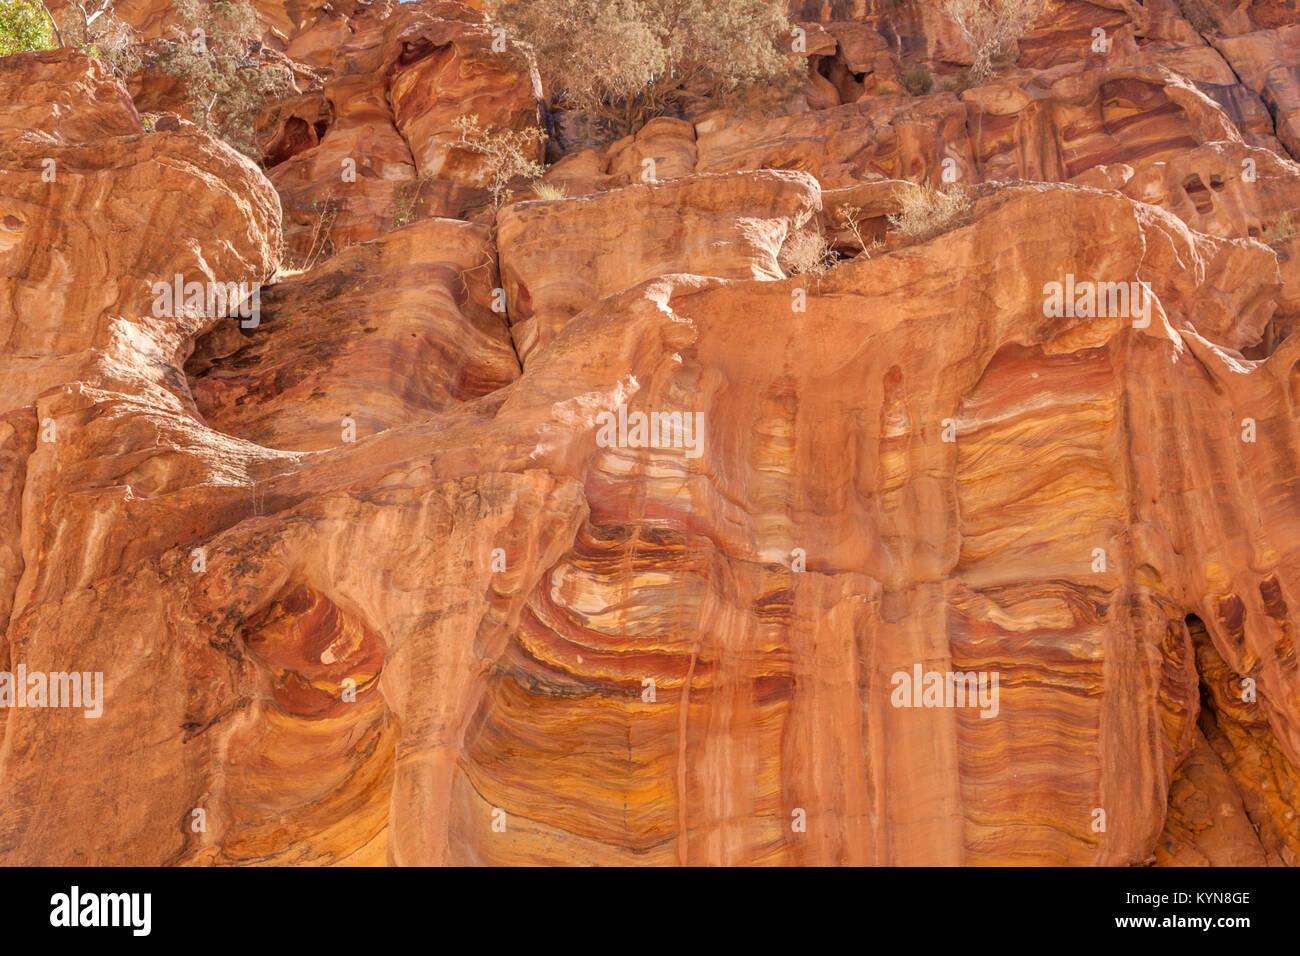 Las rocas de piedra arenisca rosa en Petra, Jordania Imagen De Stock